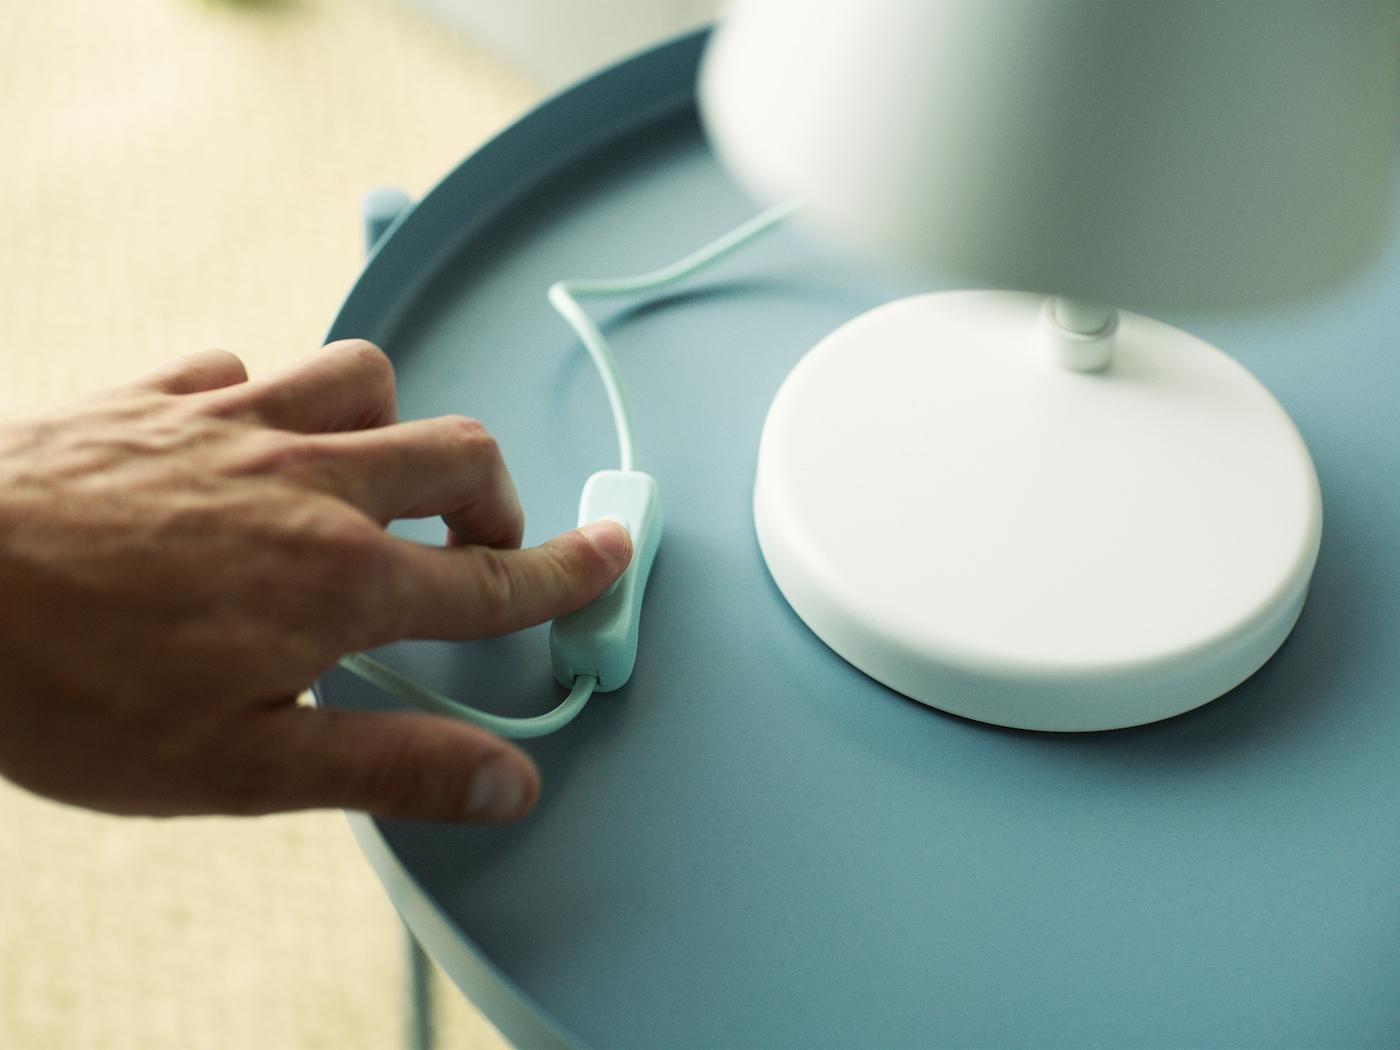 Een hand drukt op een lichtknopje van een witte lamp